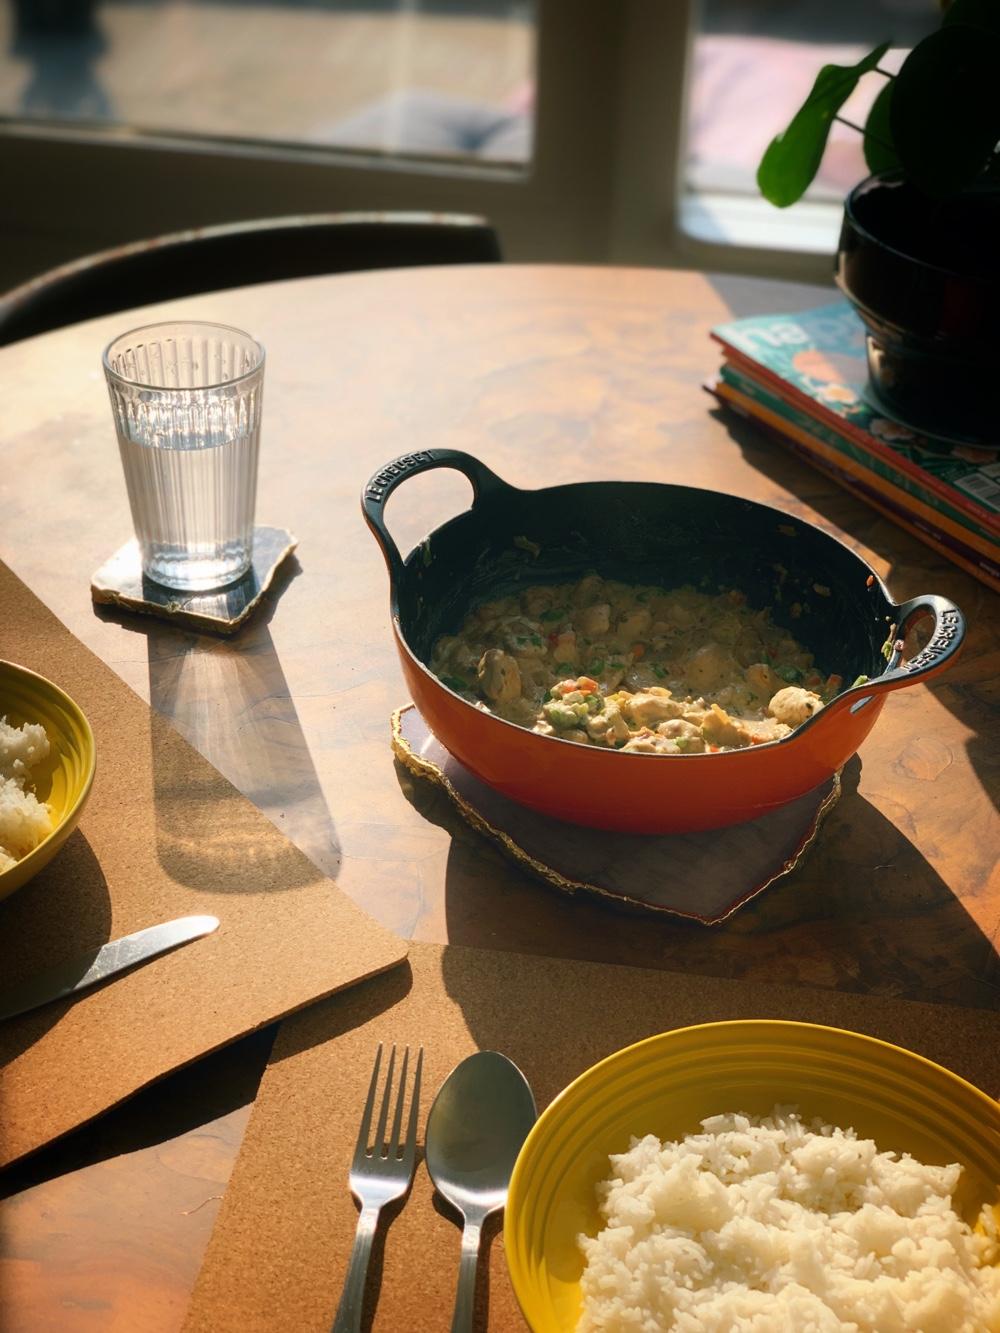 Makkelijk zomerrecept: kip Boursin met rijst en groente